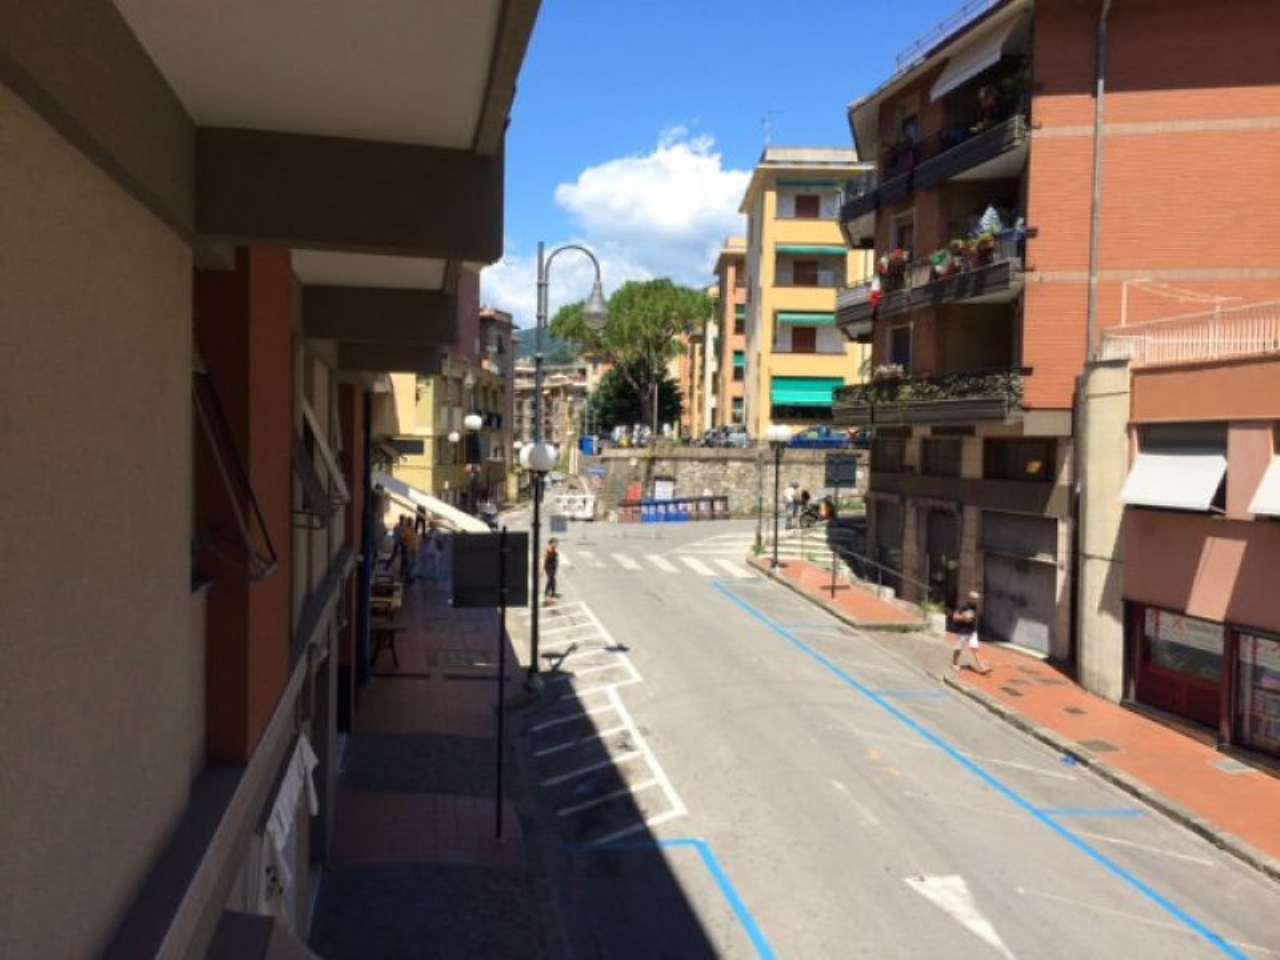 Ufficio / Studio in vendita a Recco, 3 locali, prezzo € 180.000 | Cambio Casa.it